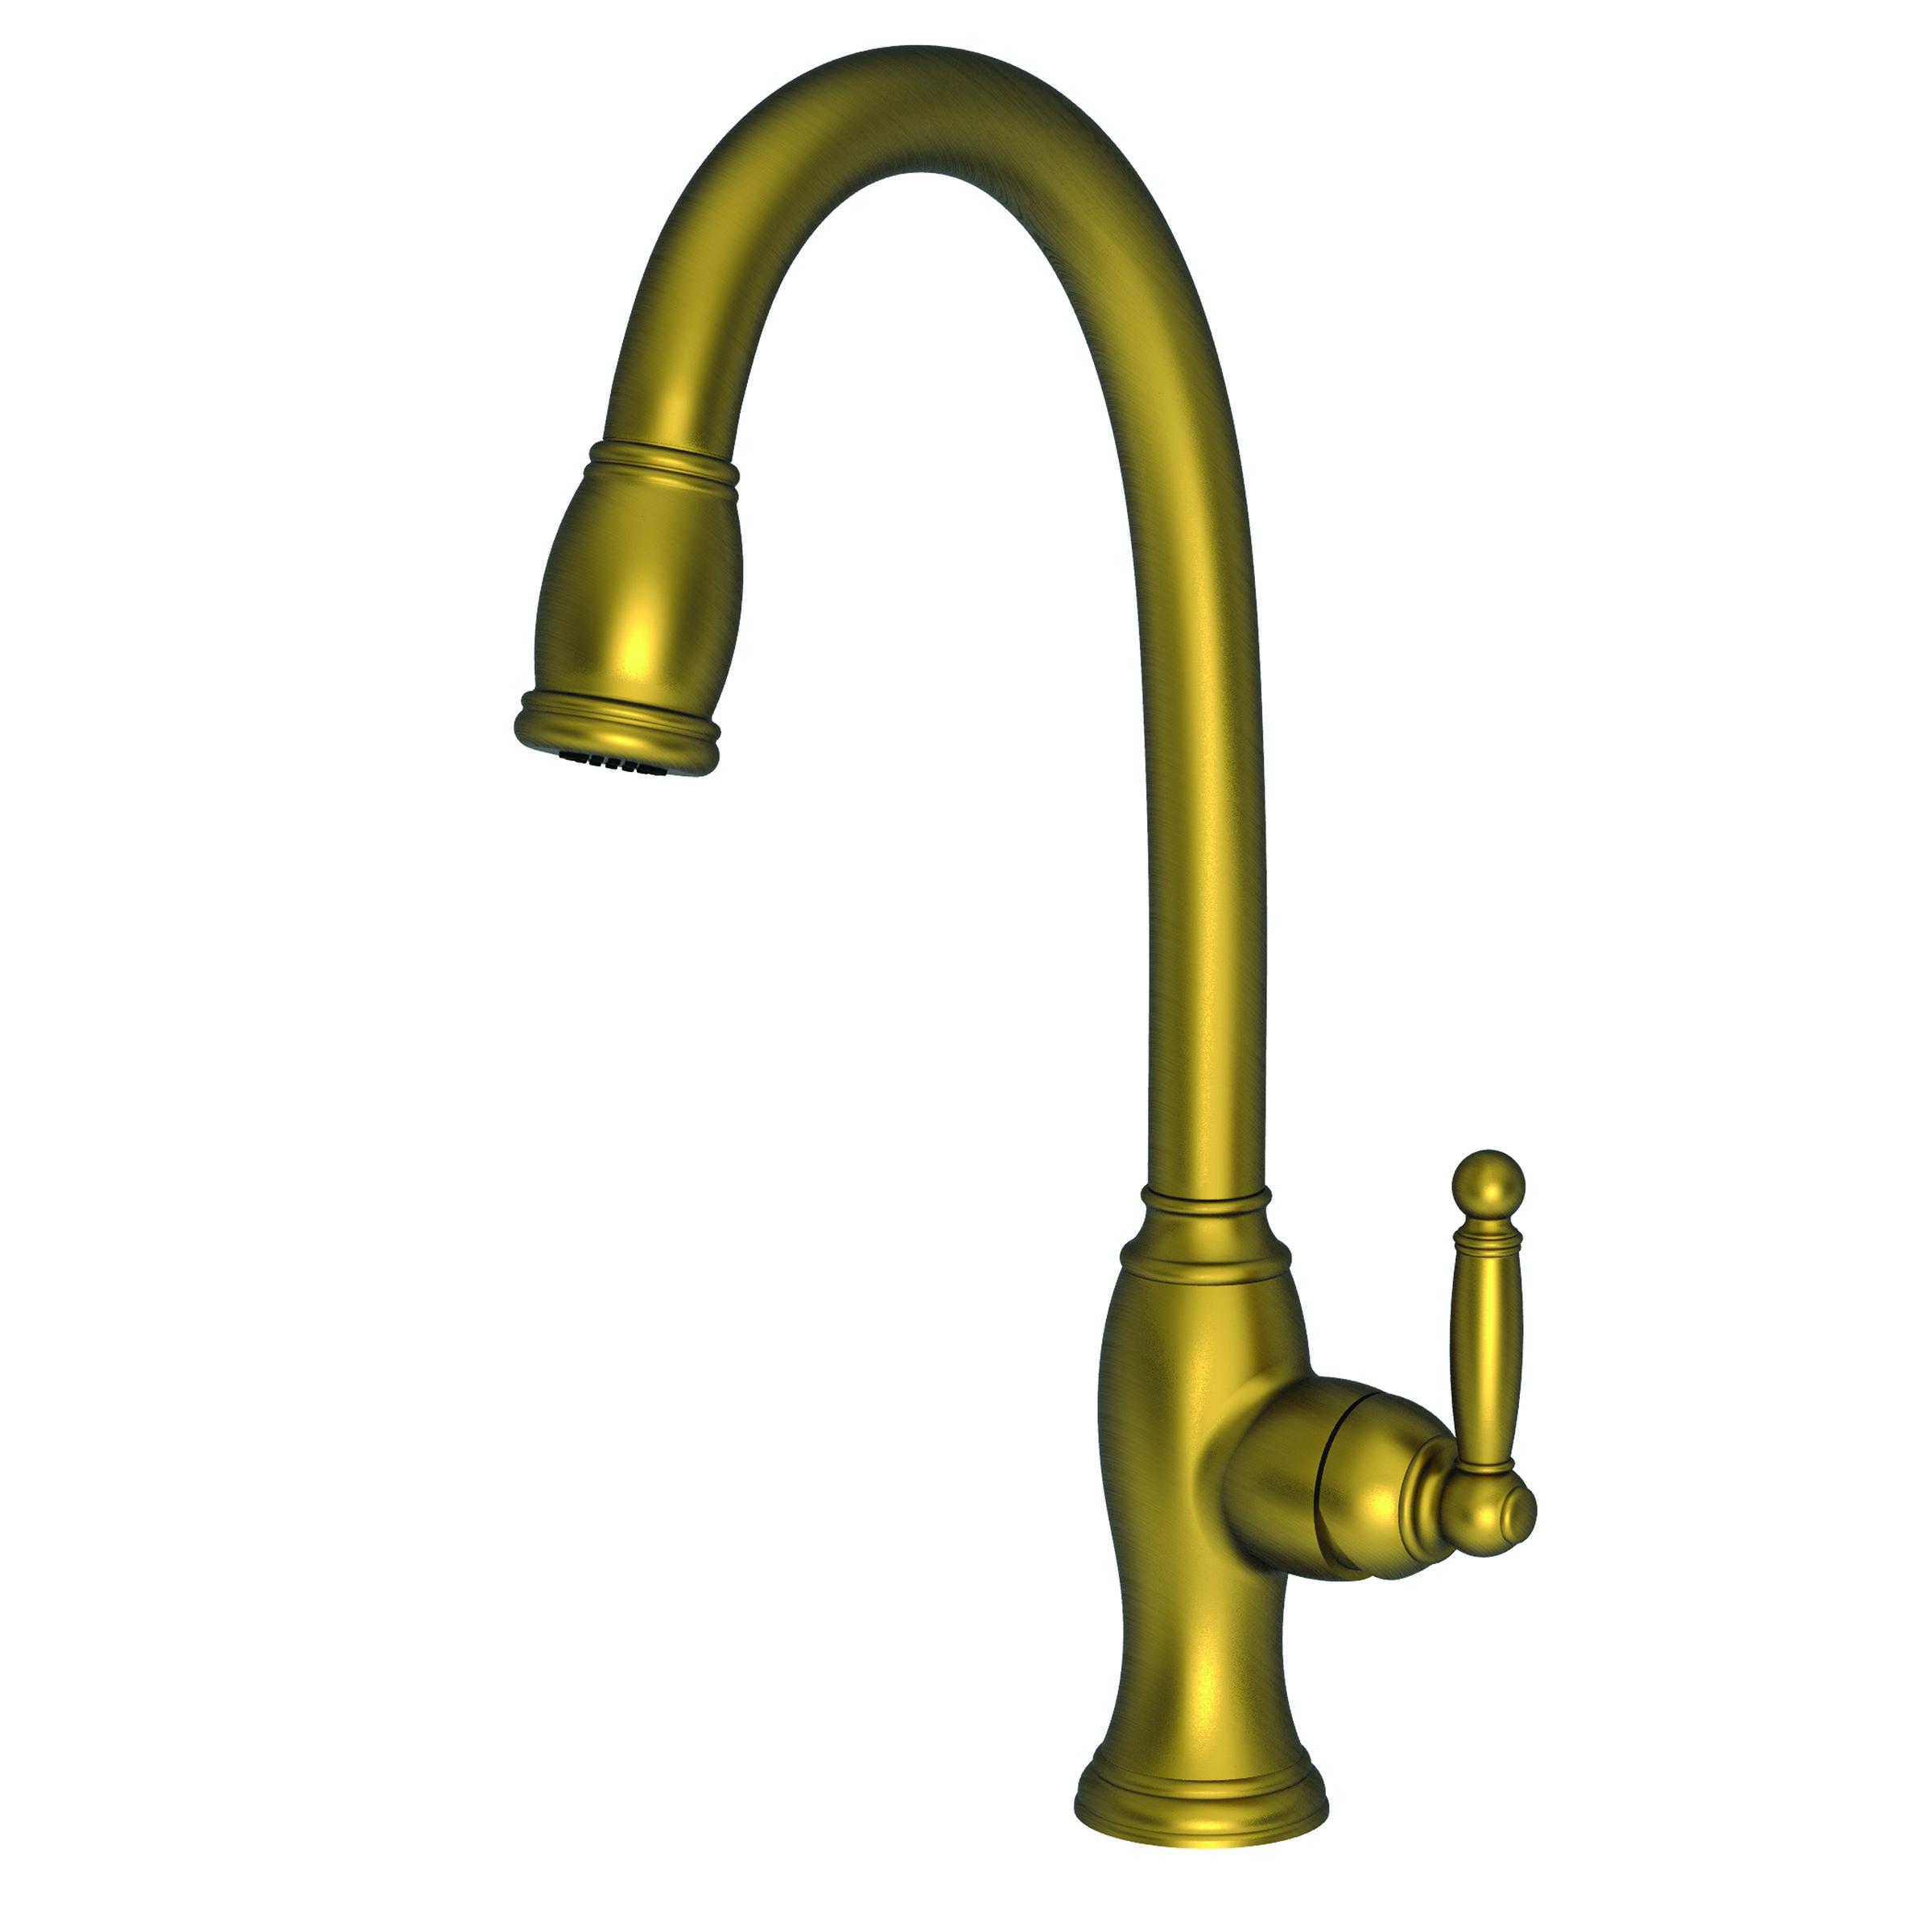 Newport Brass 2510 5103 Pull Down Kitchen Faucet   Newport Brass Faucets